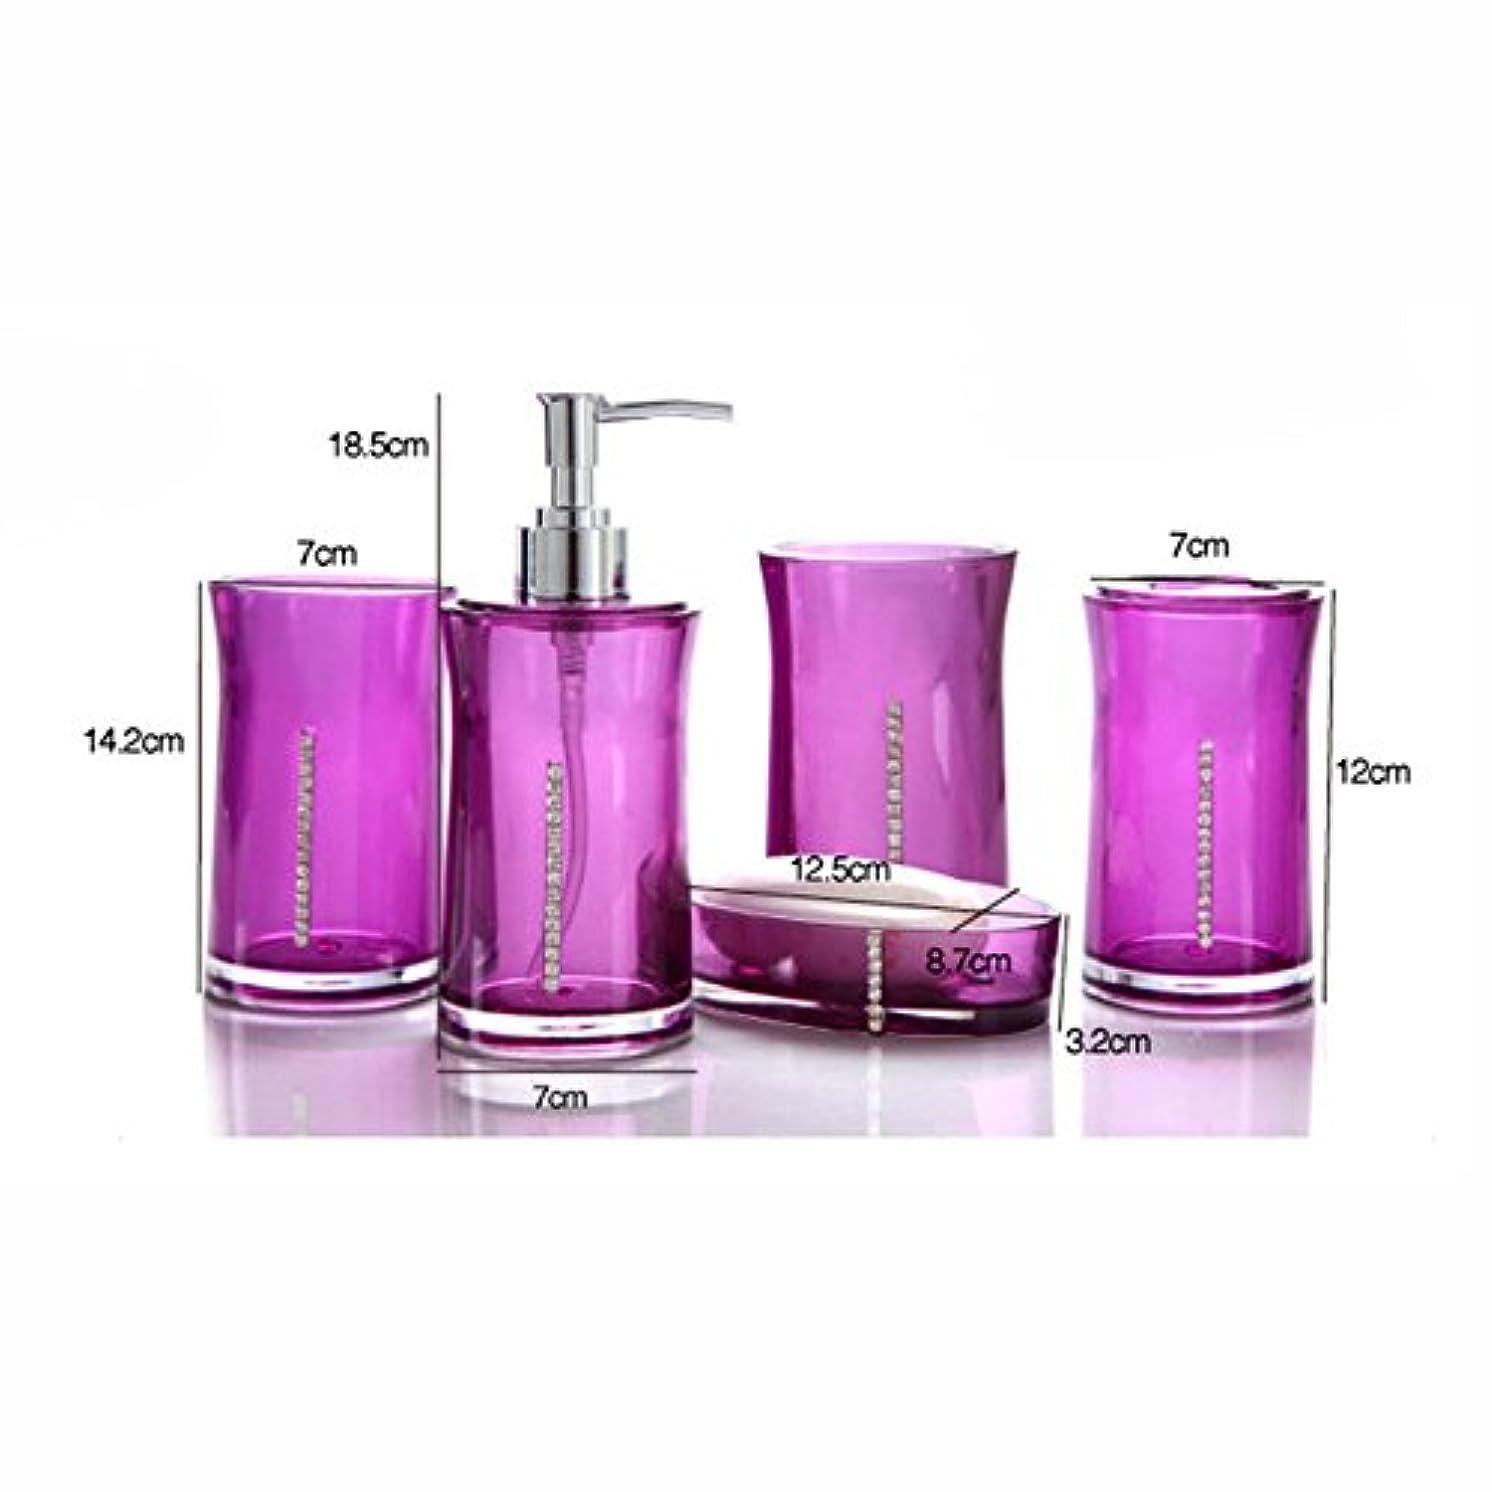 xlp シャワージェルアクリルボトル、キッチンバス用シャンプー液体石鹸ディスペンサーボトル (紫)